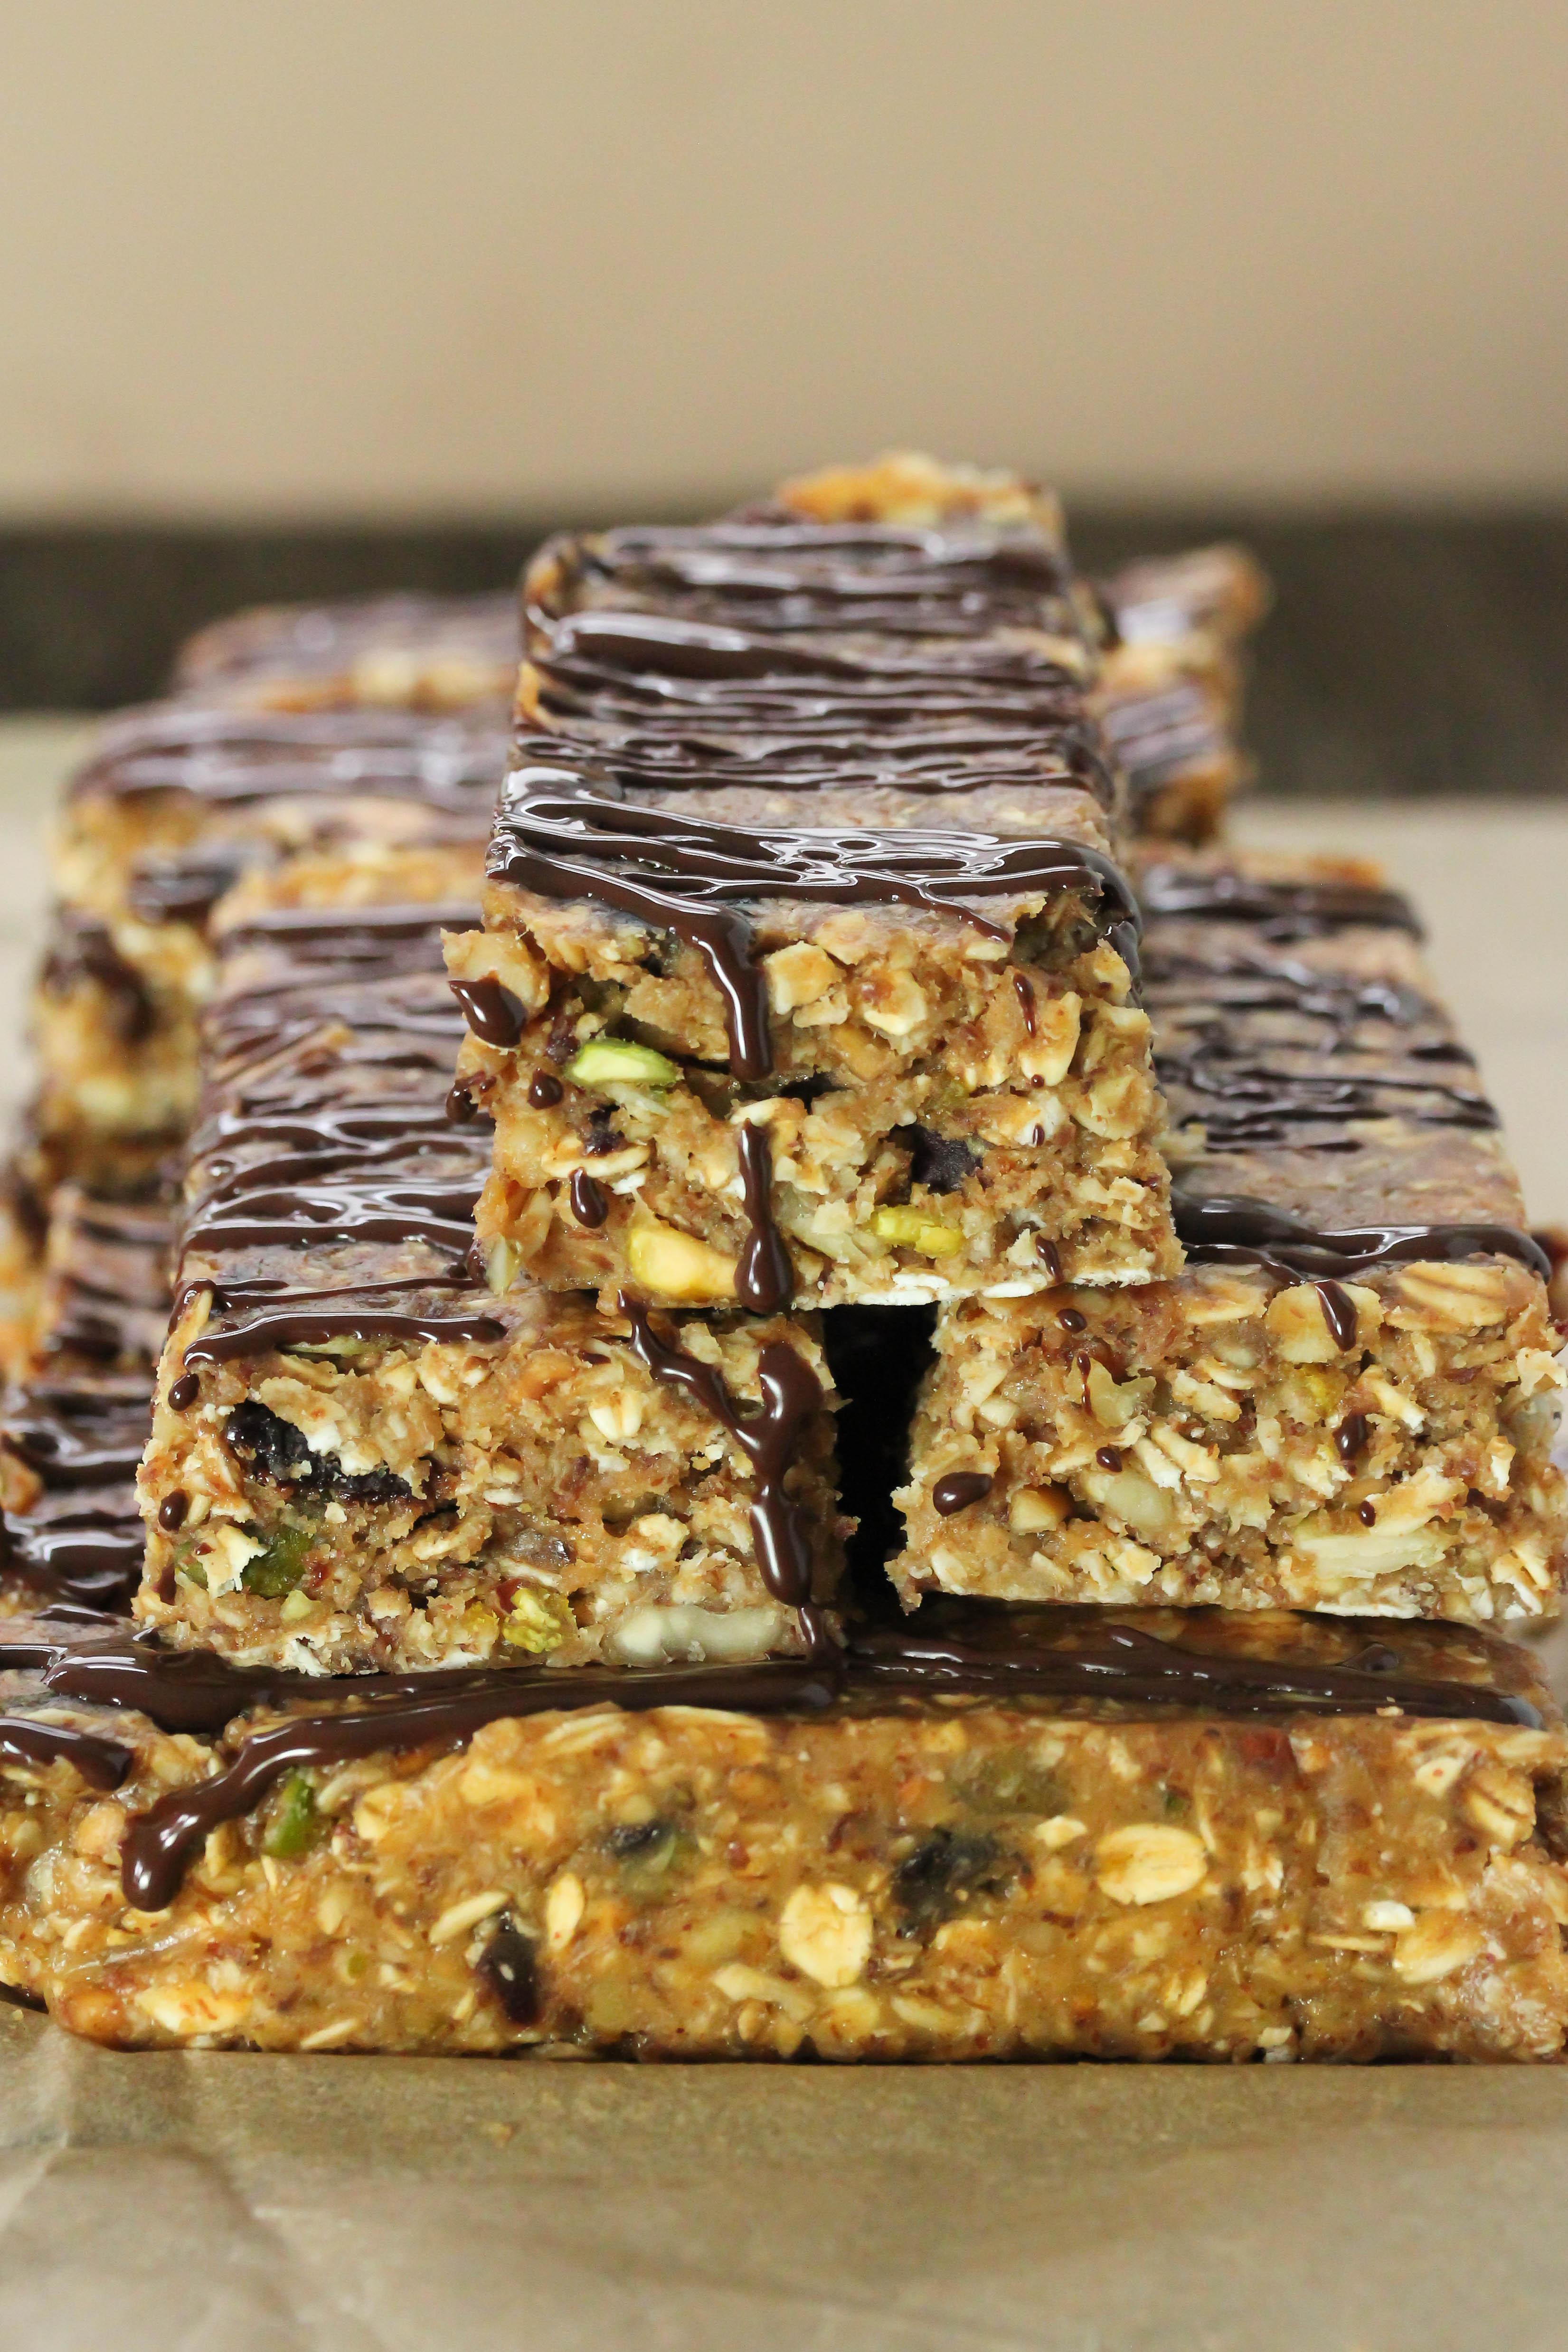 Breakfast Bar Recipes  No bake breakfast bars Gluten free vegan